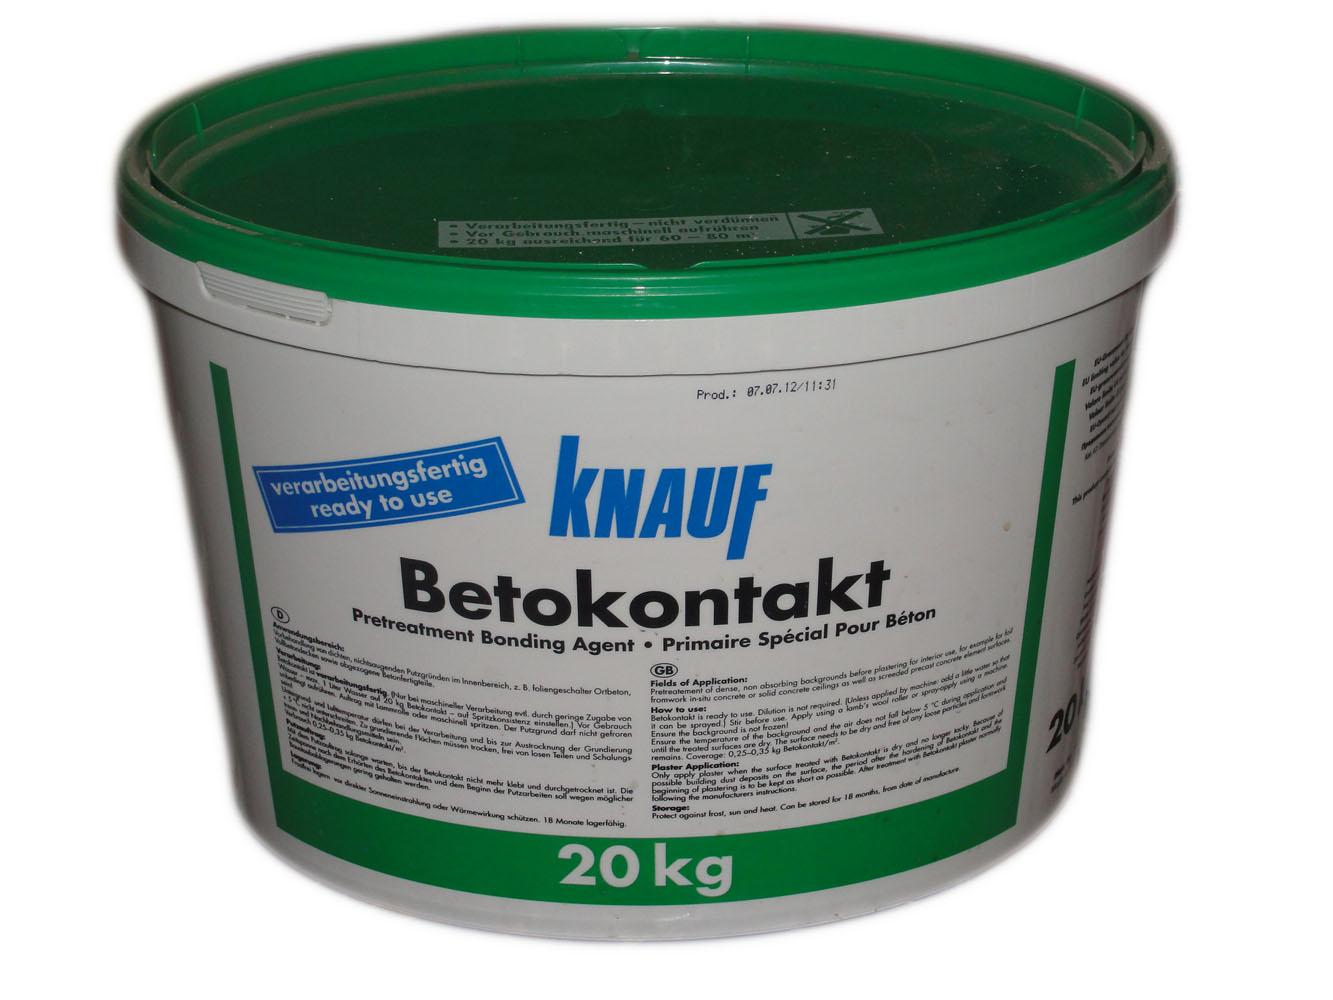 Купить со скидкой Бетоконтакт Кнауф / Knauf, 20кг